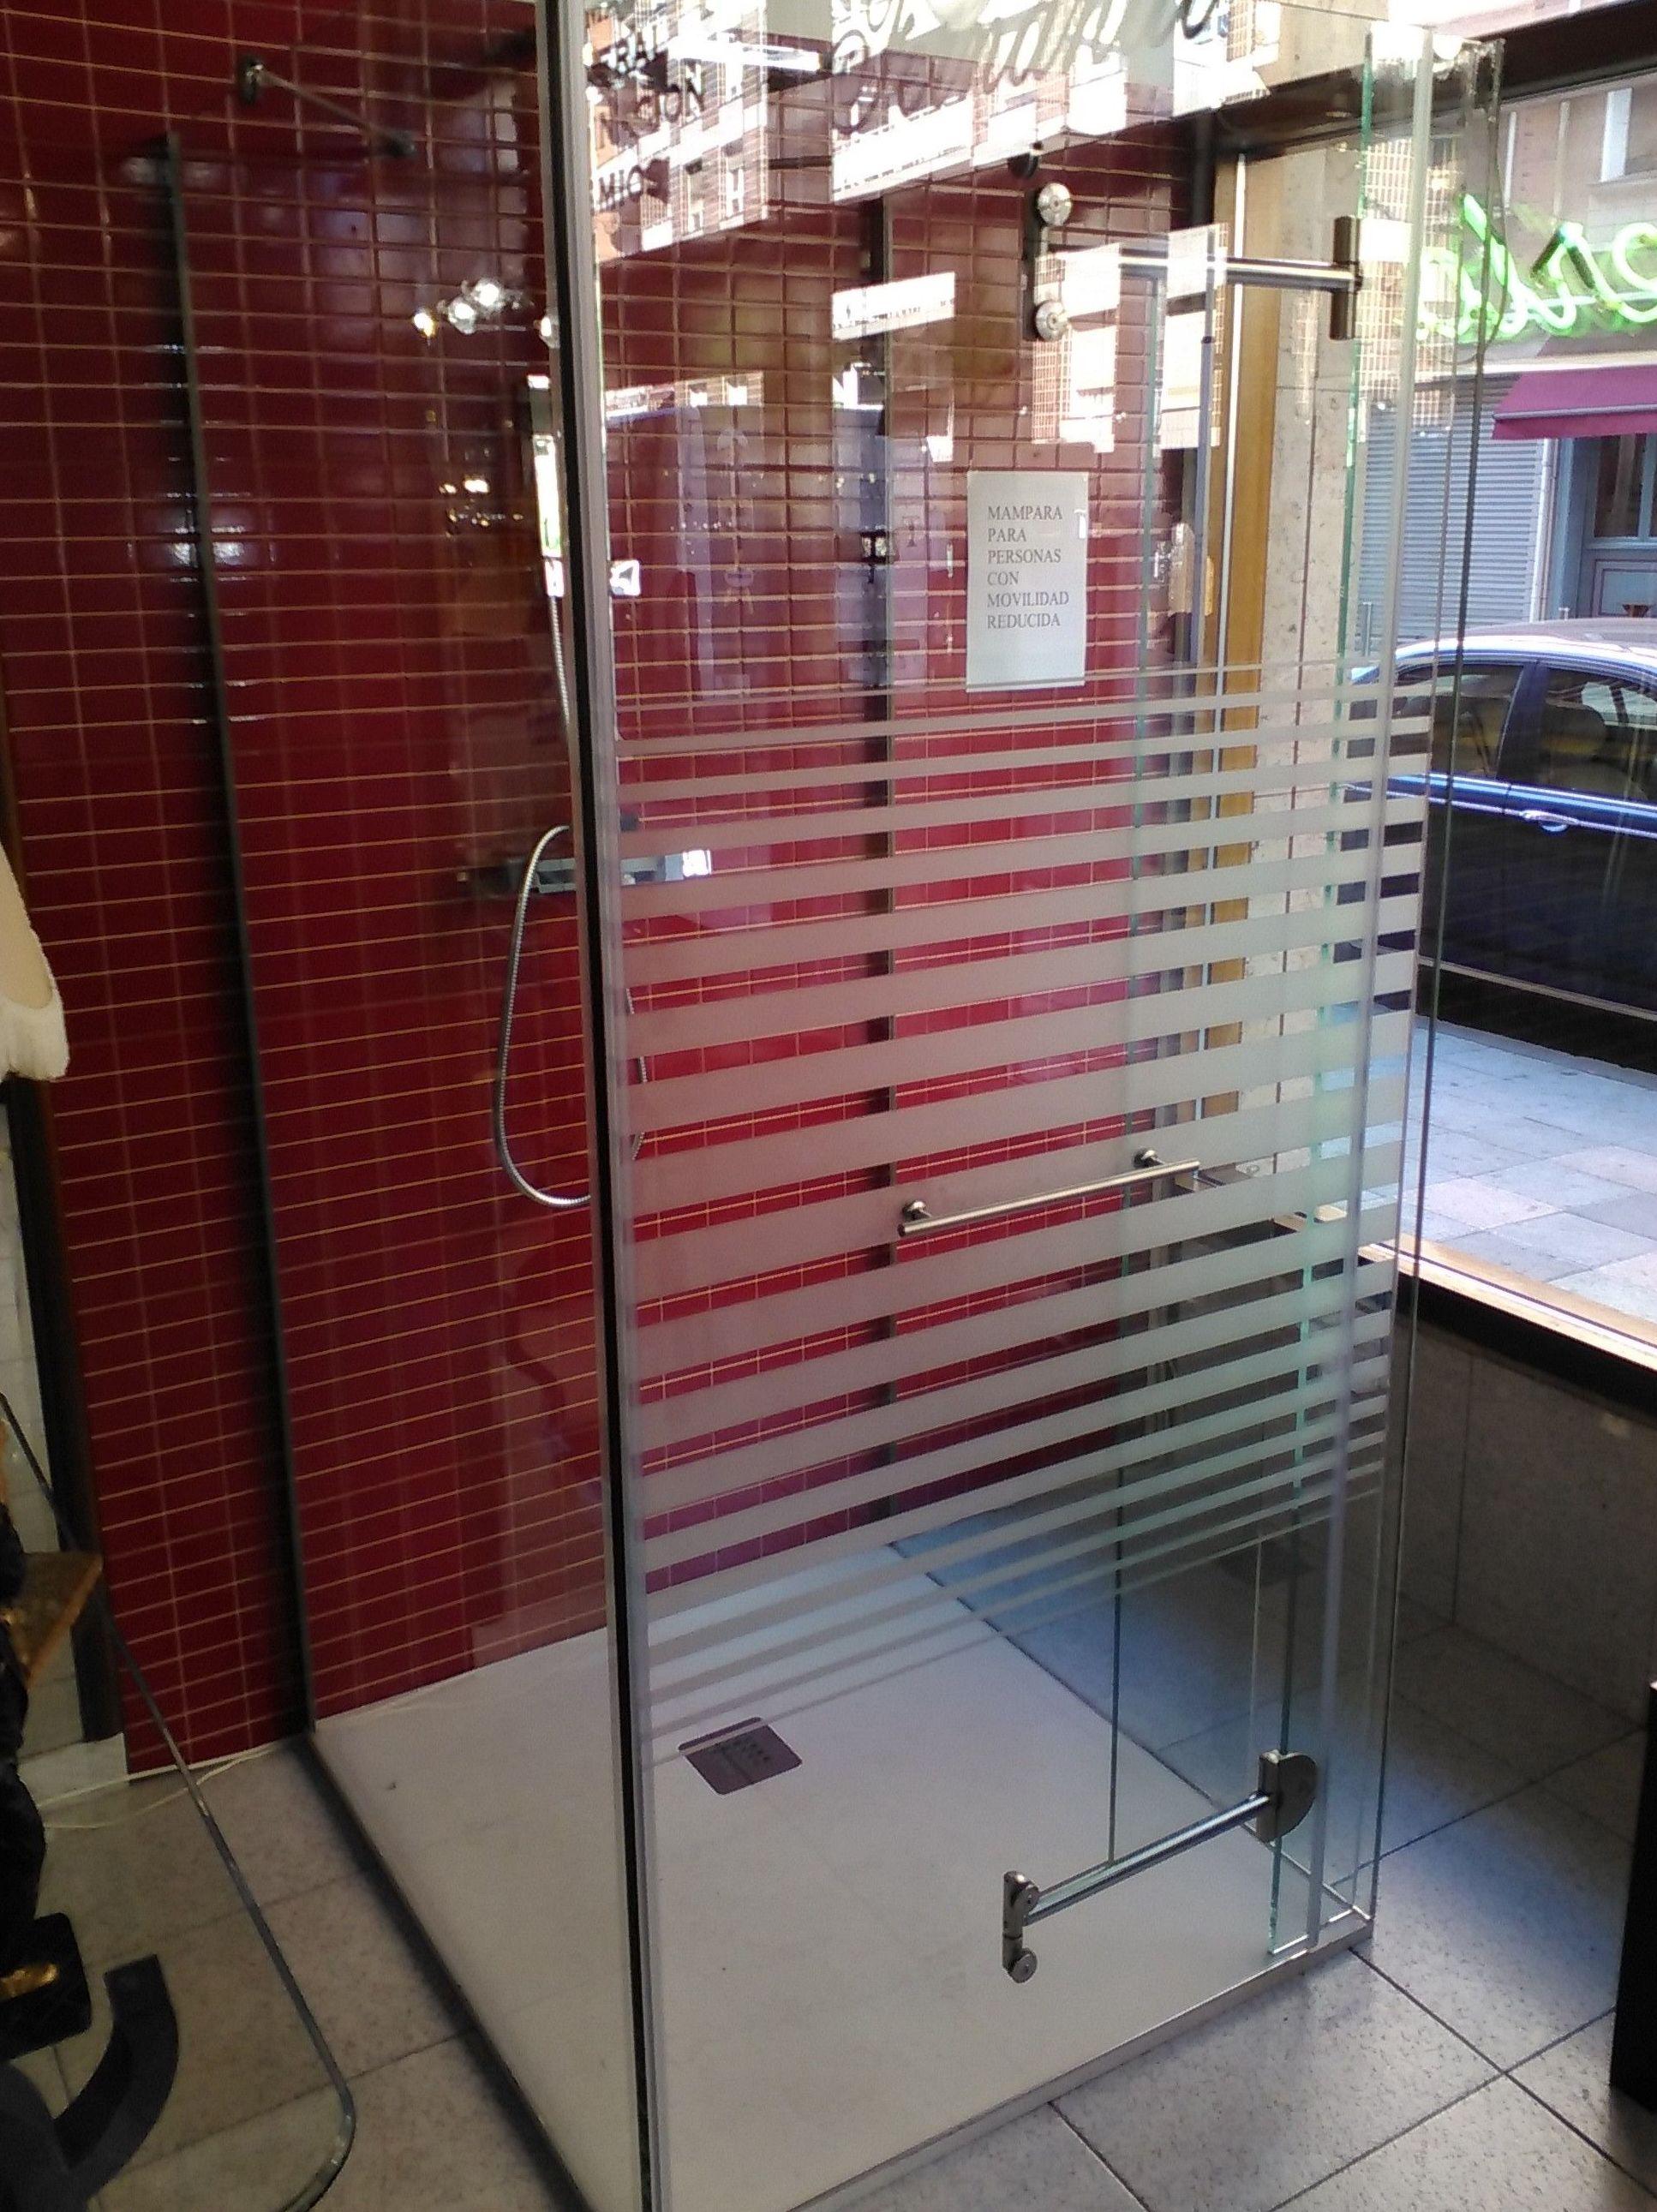 Mamparas de ducha para personas con movilidad reducida en Santurce